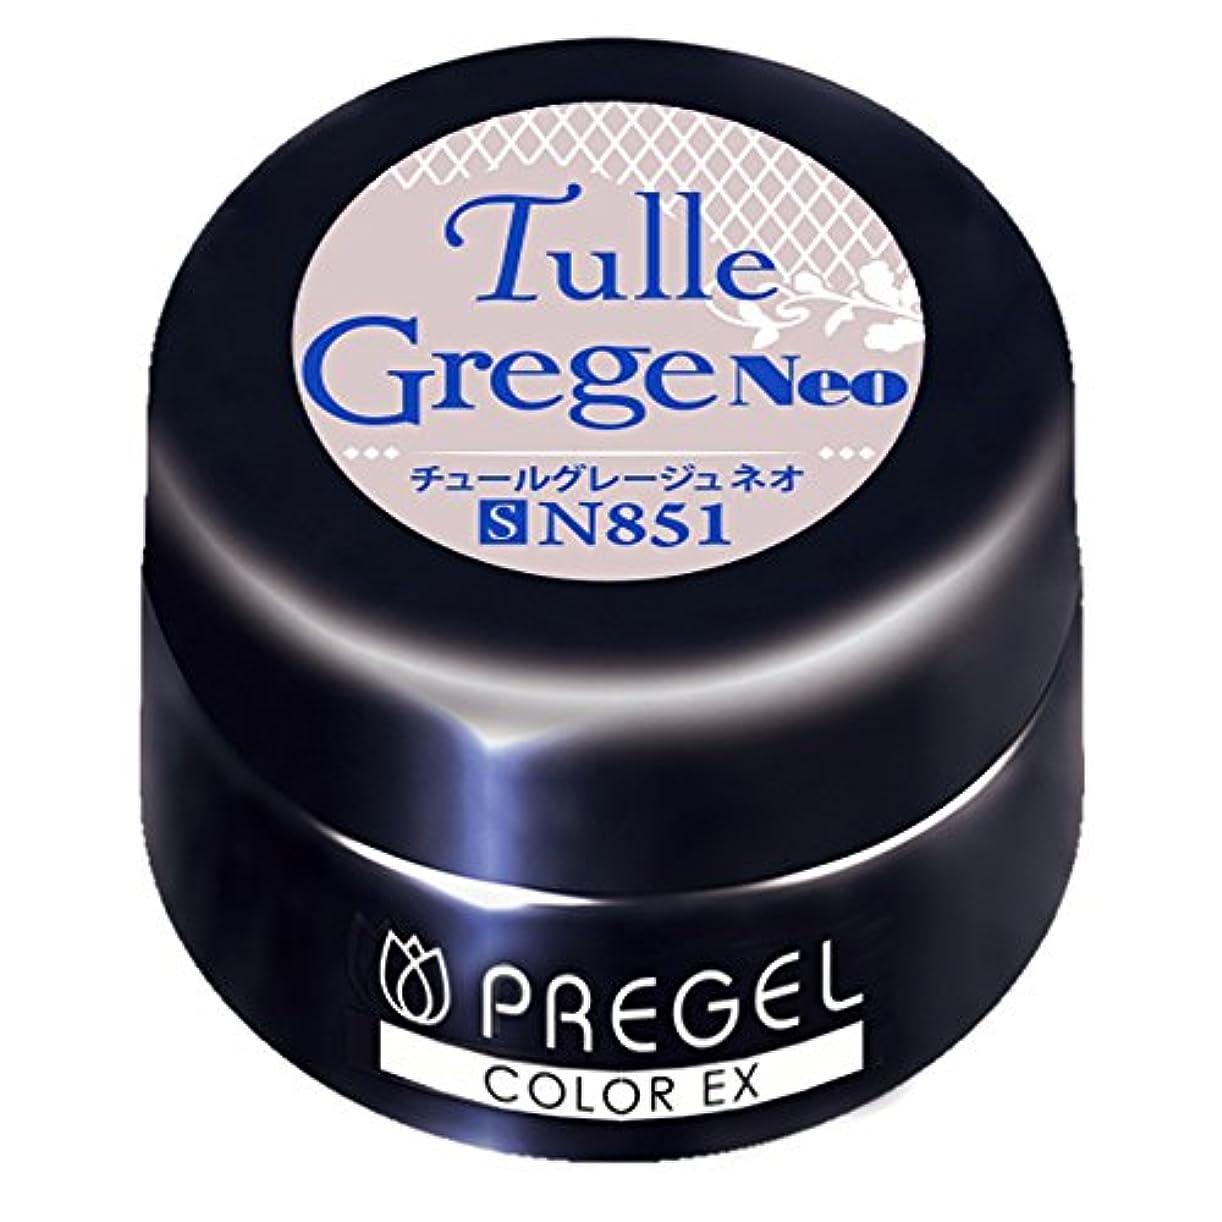 心から思い出す時PRE GEL カラーEX チュールグレージュ neo 851 3g UV/LED対応